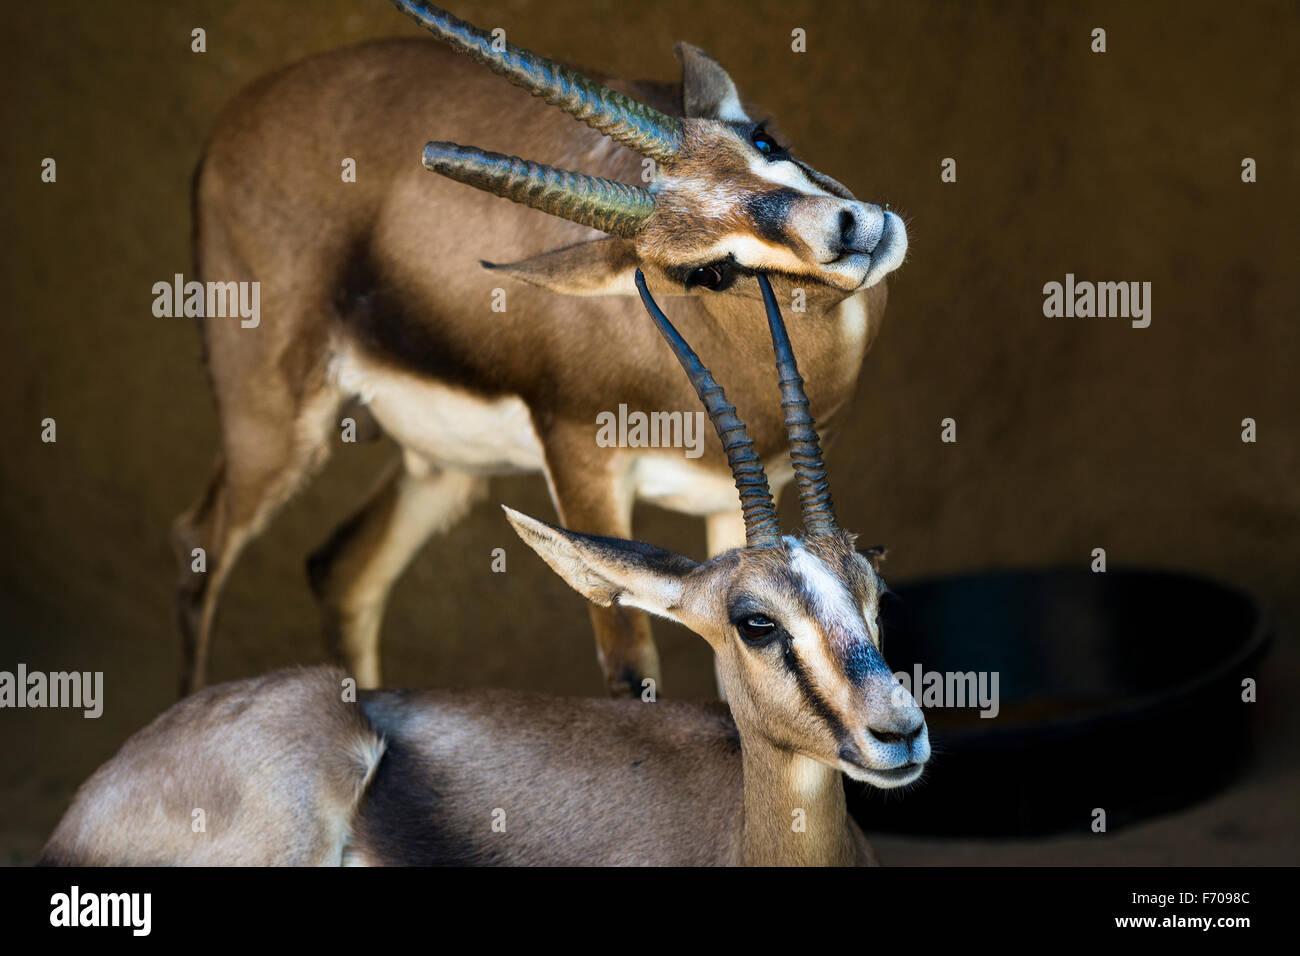 Deux gazelles reste dans une zone d'ombre alors qu'on gratte son menton sur la corne de gazelle à un Photo Stock